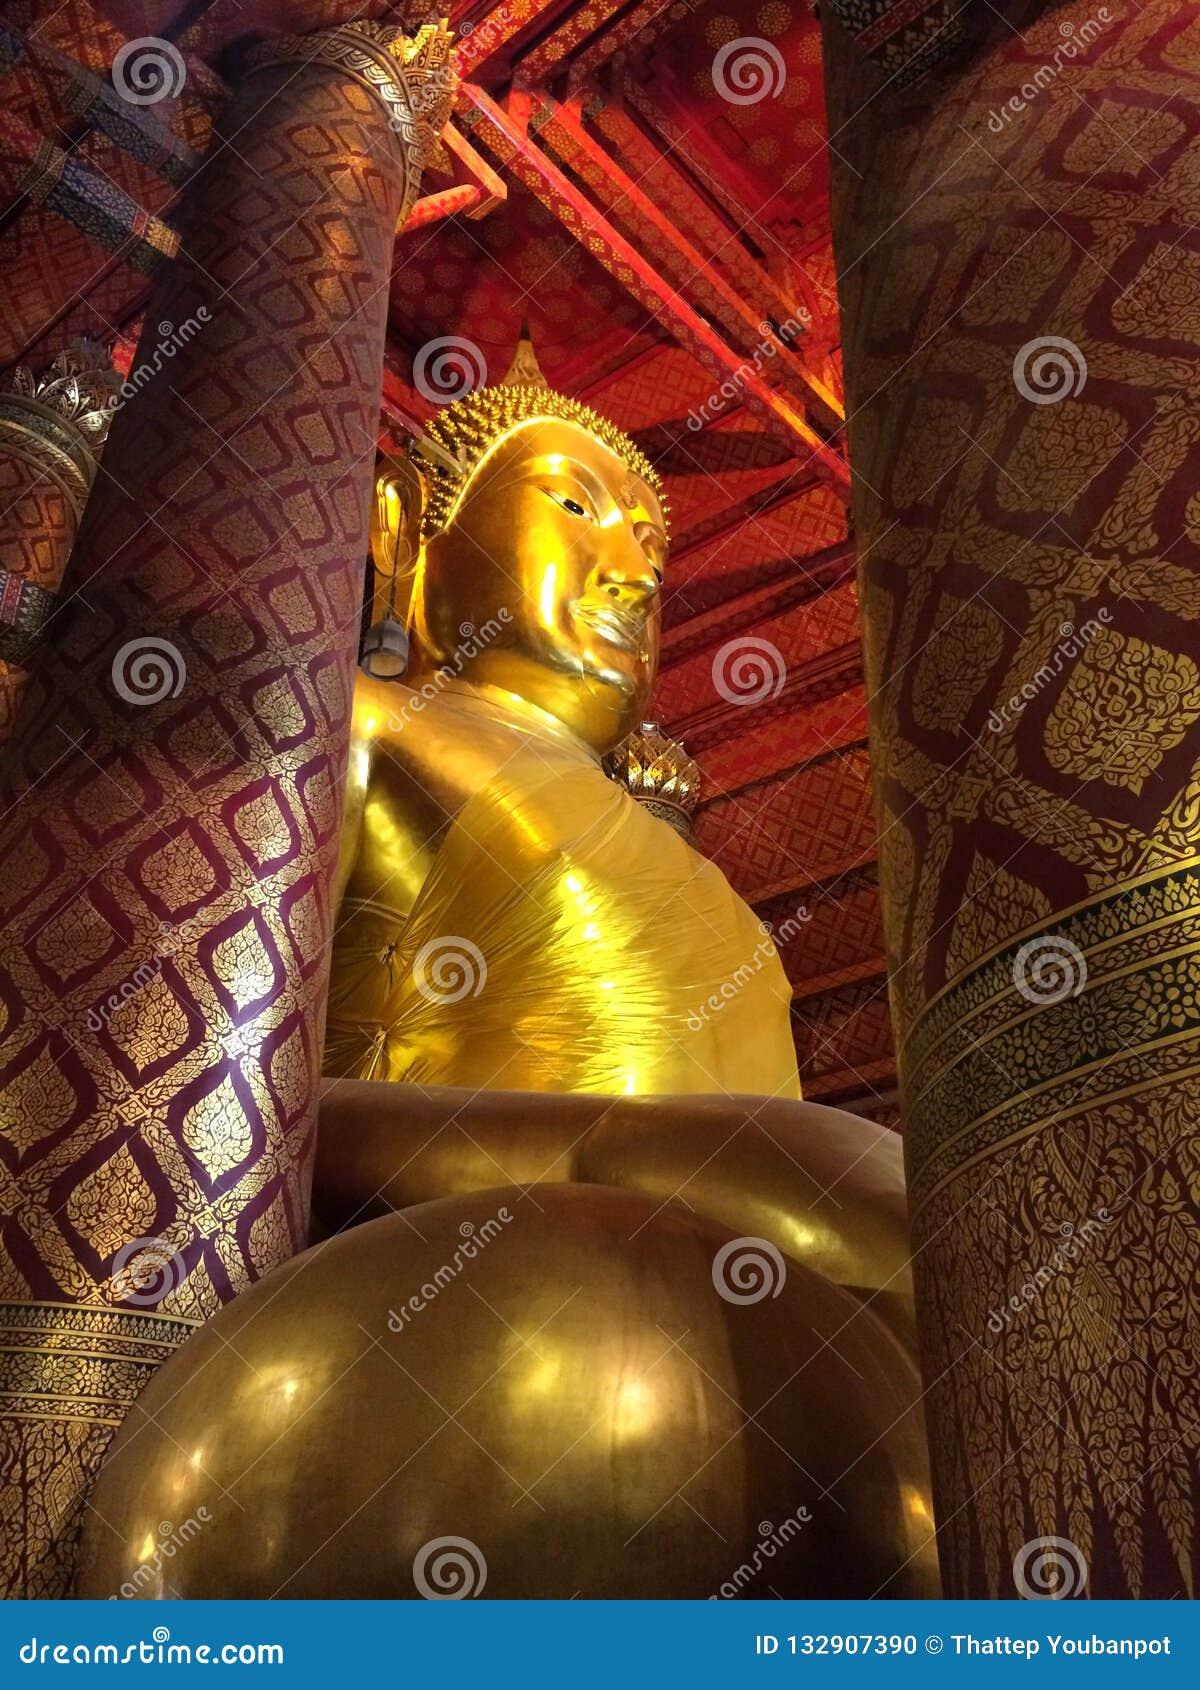 Μεγάλο άγαλμα του Βούδα στο ναό Wat Phanan Choeng